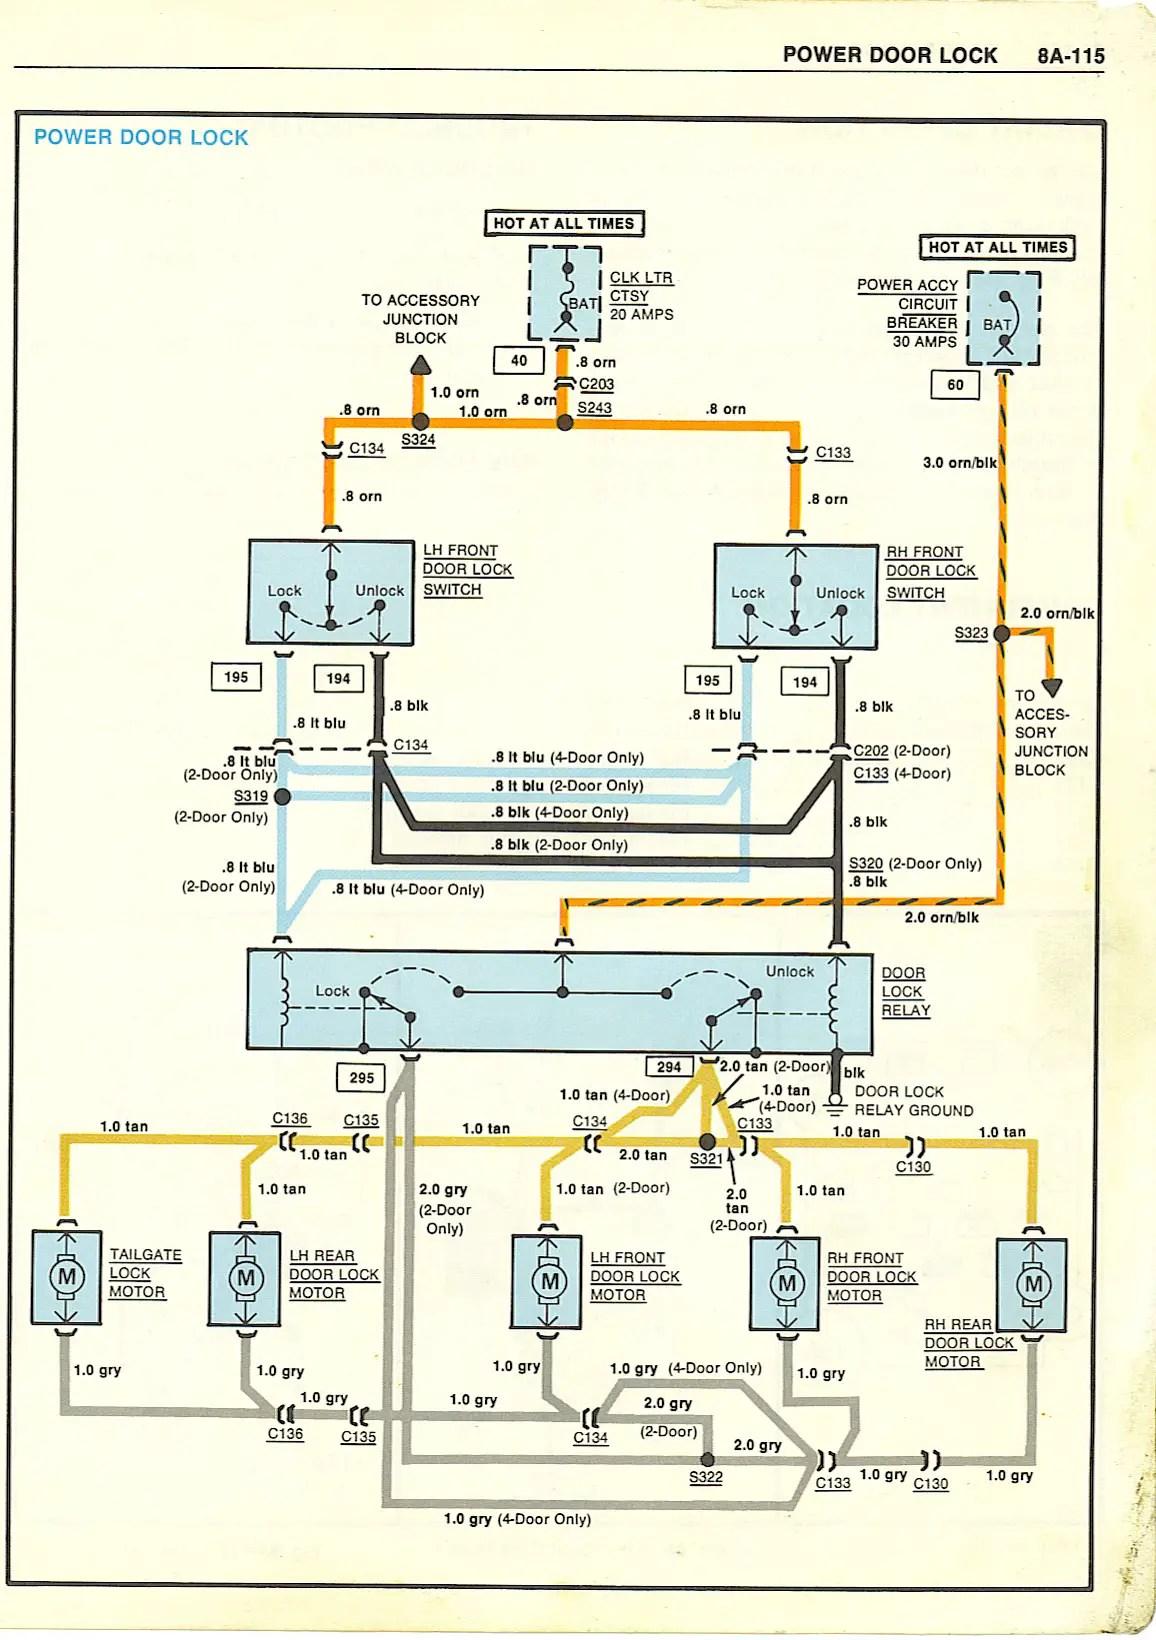 1997 Chevy Lumina Fuse Box Diagram